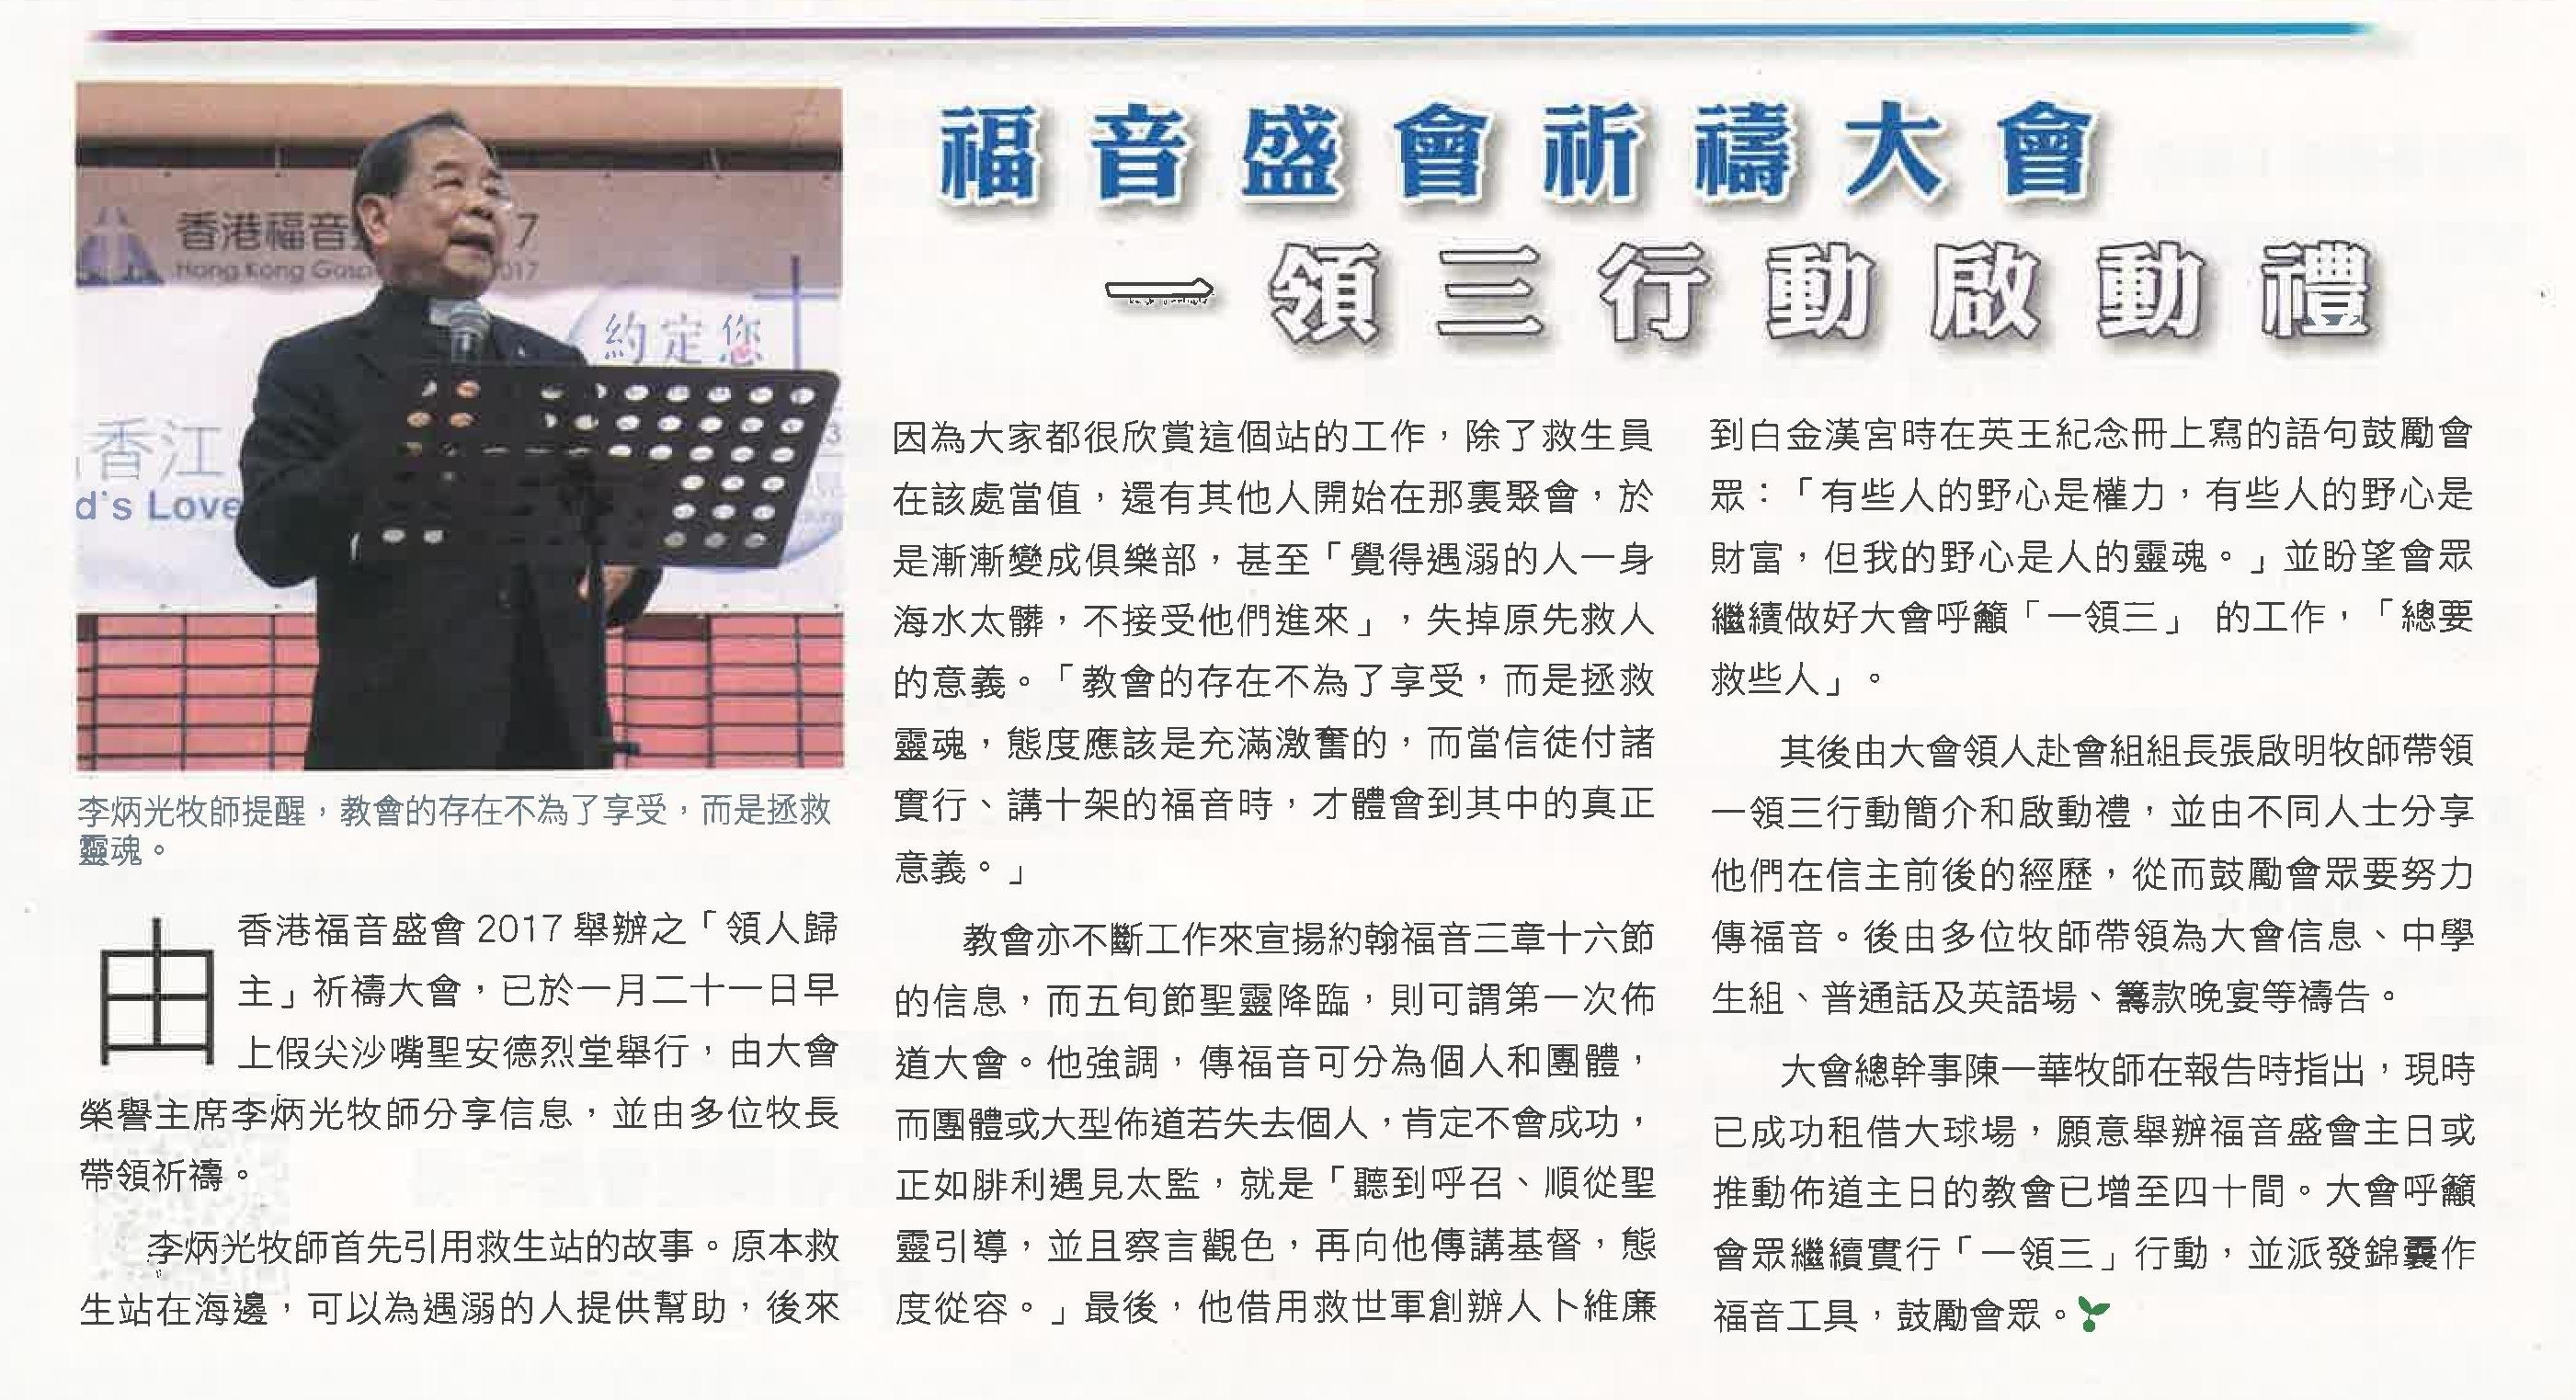 基督教週報_2017.02.05 (2737期)